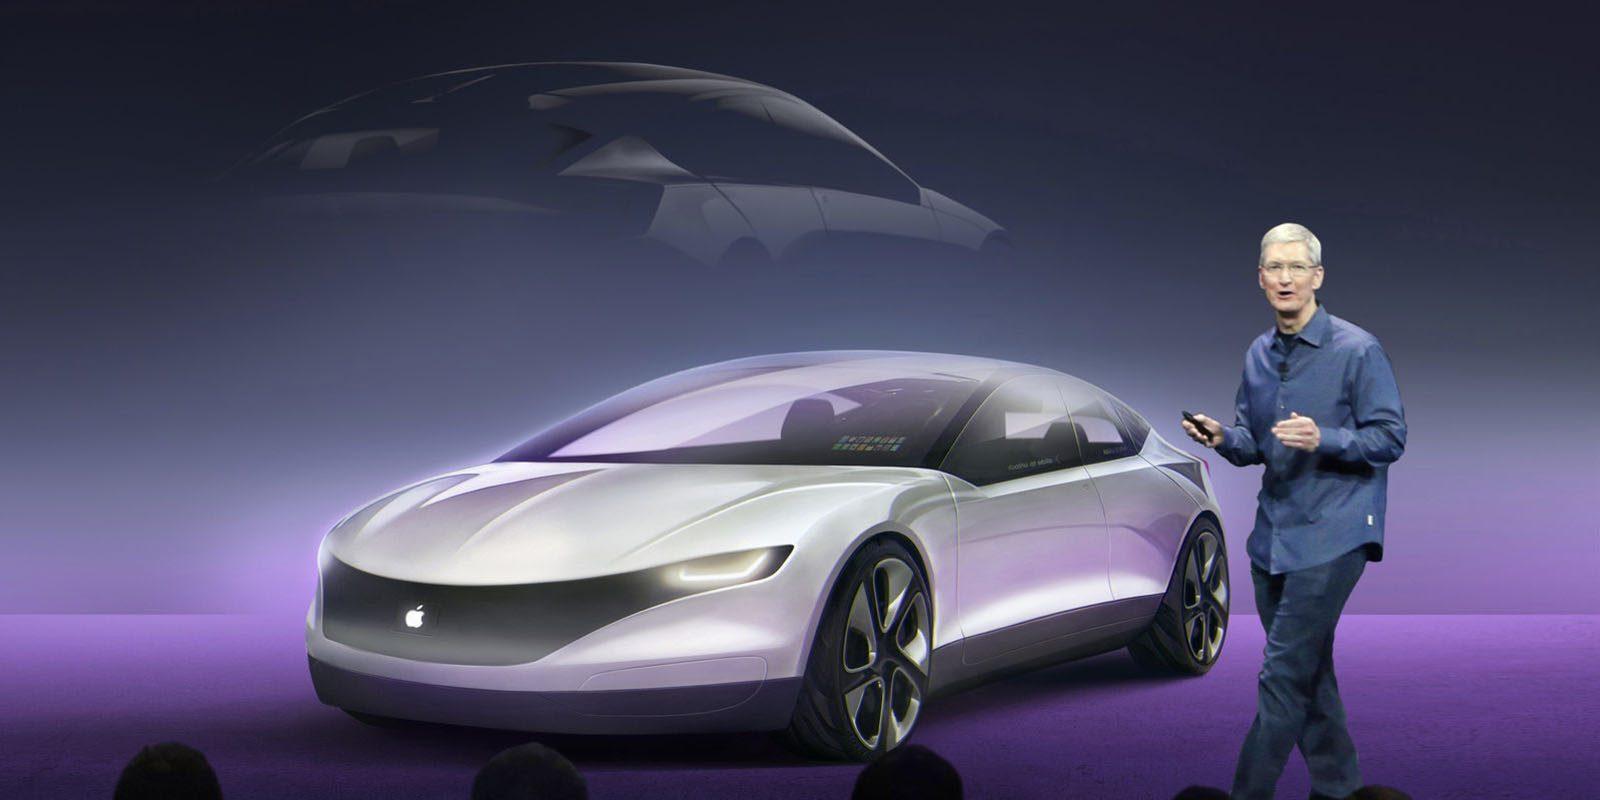 عقاید اپل و هیوندای برای تولید اتومبیلهای الکتریکی